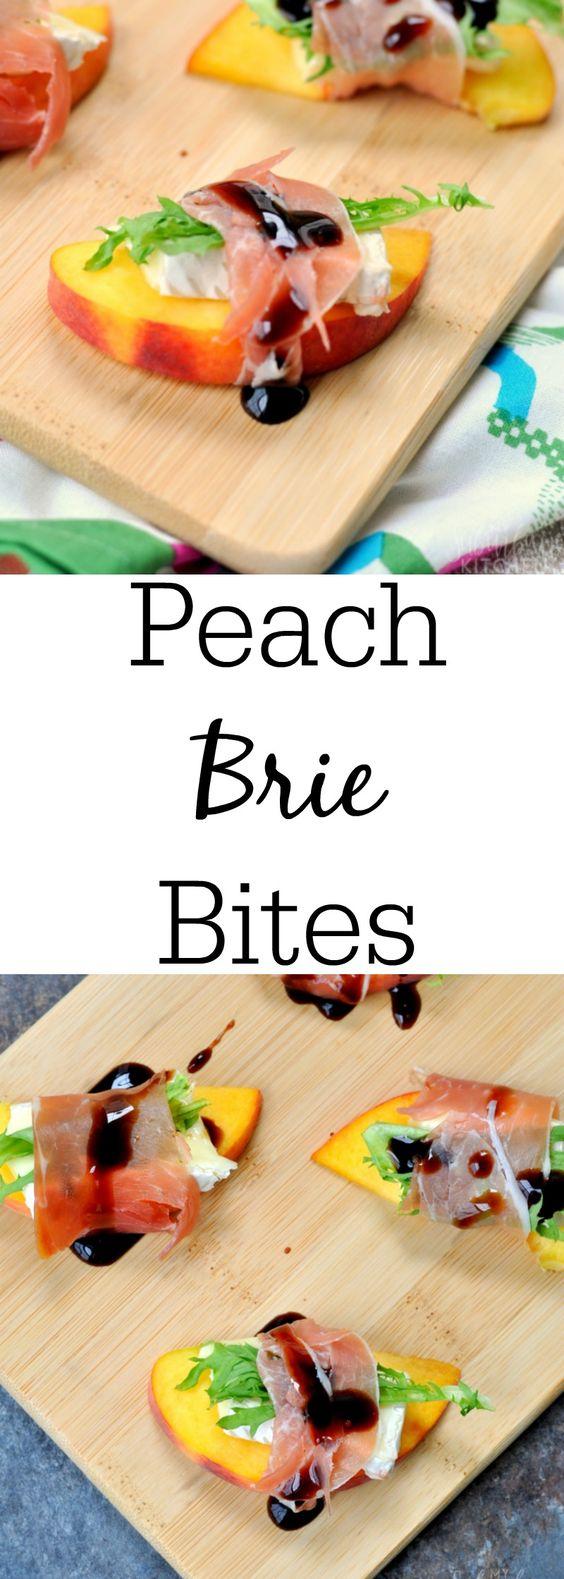 Peach Brie Bites   Recipe   Brie Bites, Brie and Peaches